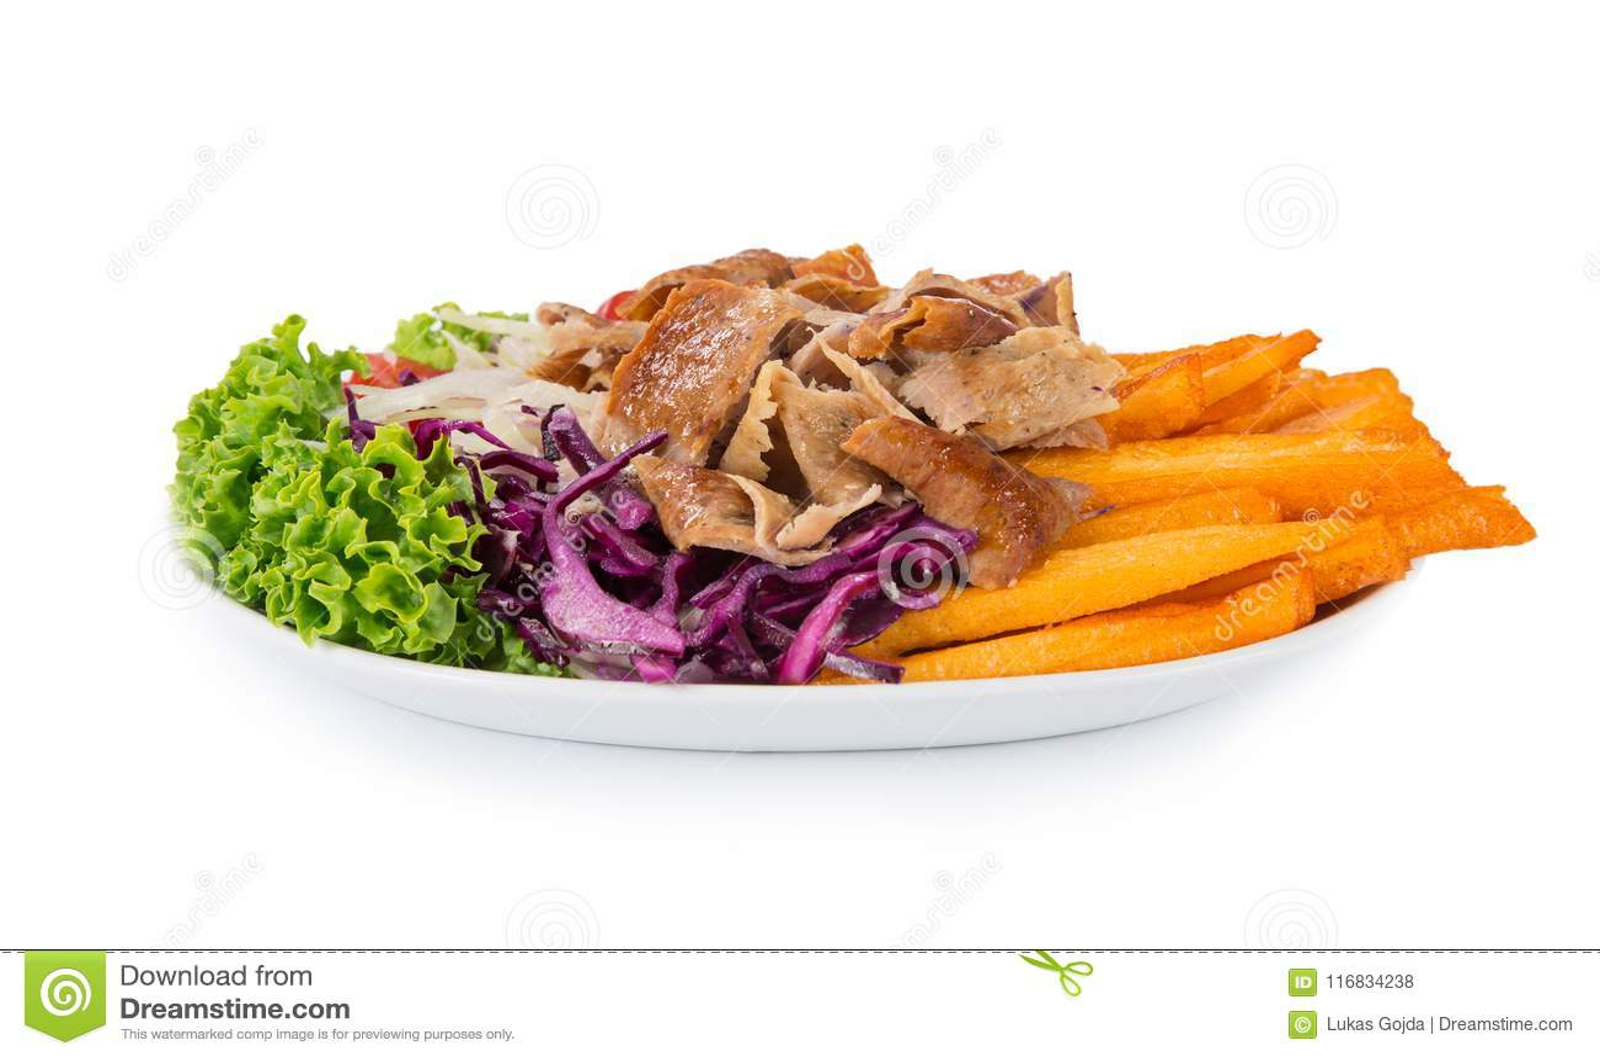 Turkish Doner Kebab Plate On White Background Stock Photo Image Of Horizontal Life 116834238